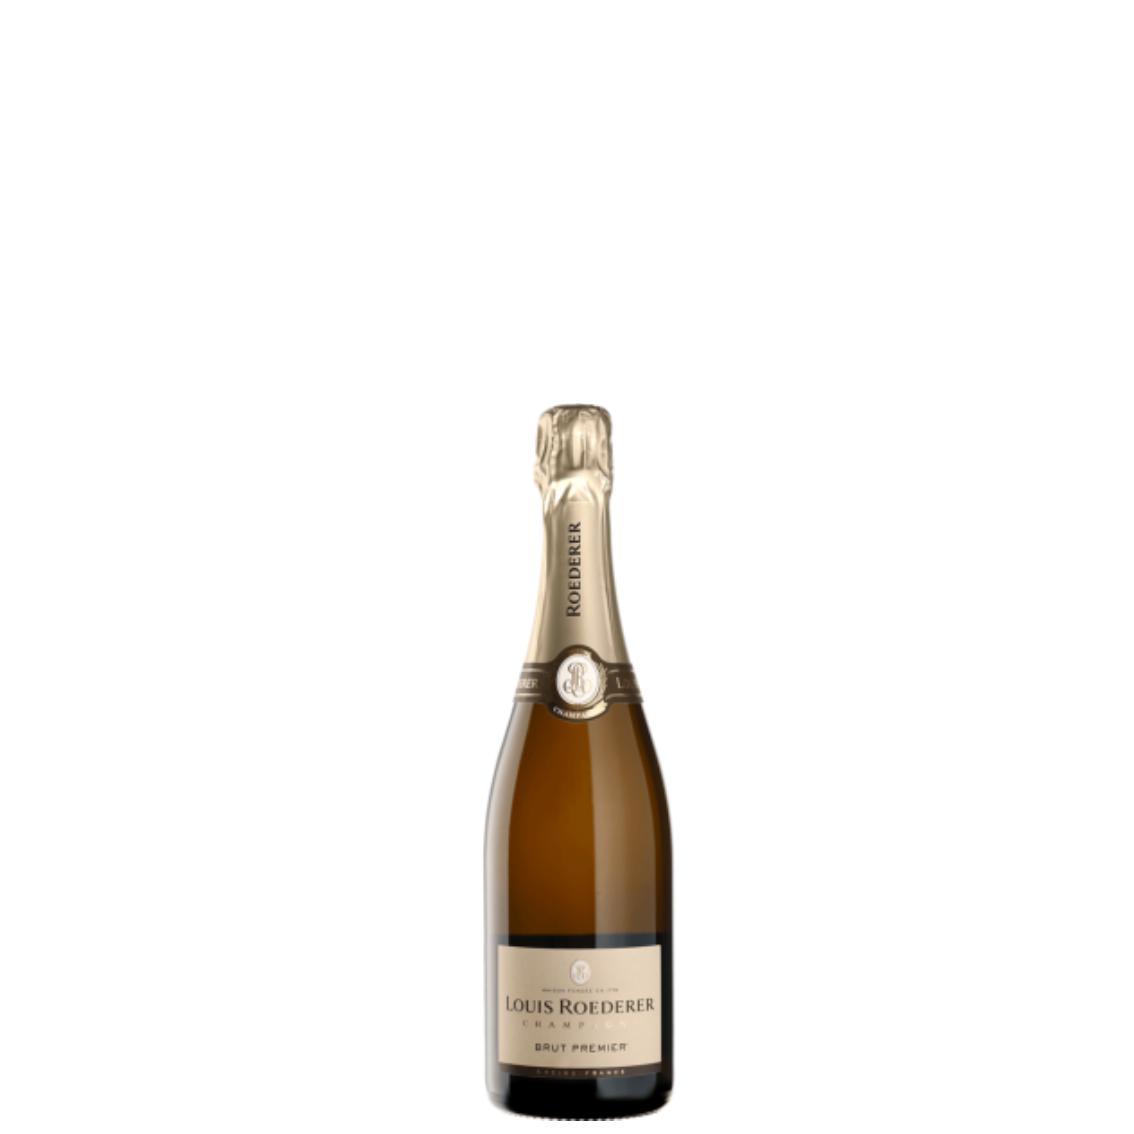 1/2 fl. (37,5 cl.) Louis Roederer Brut Premier - Champagne